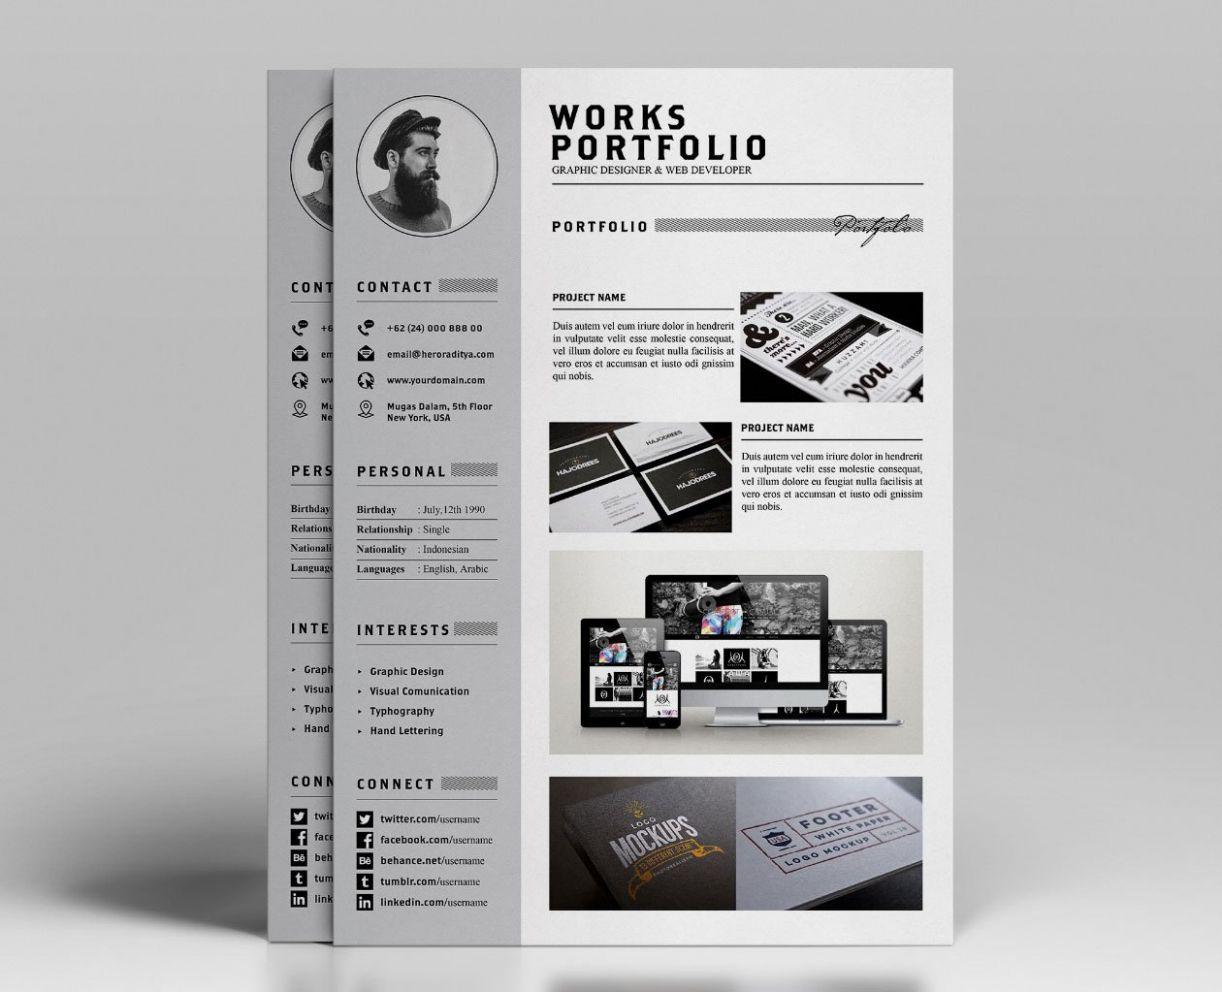 8 Resume Portfolio Template in 2020 Portfolio templates